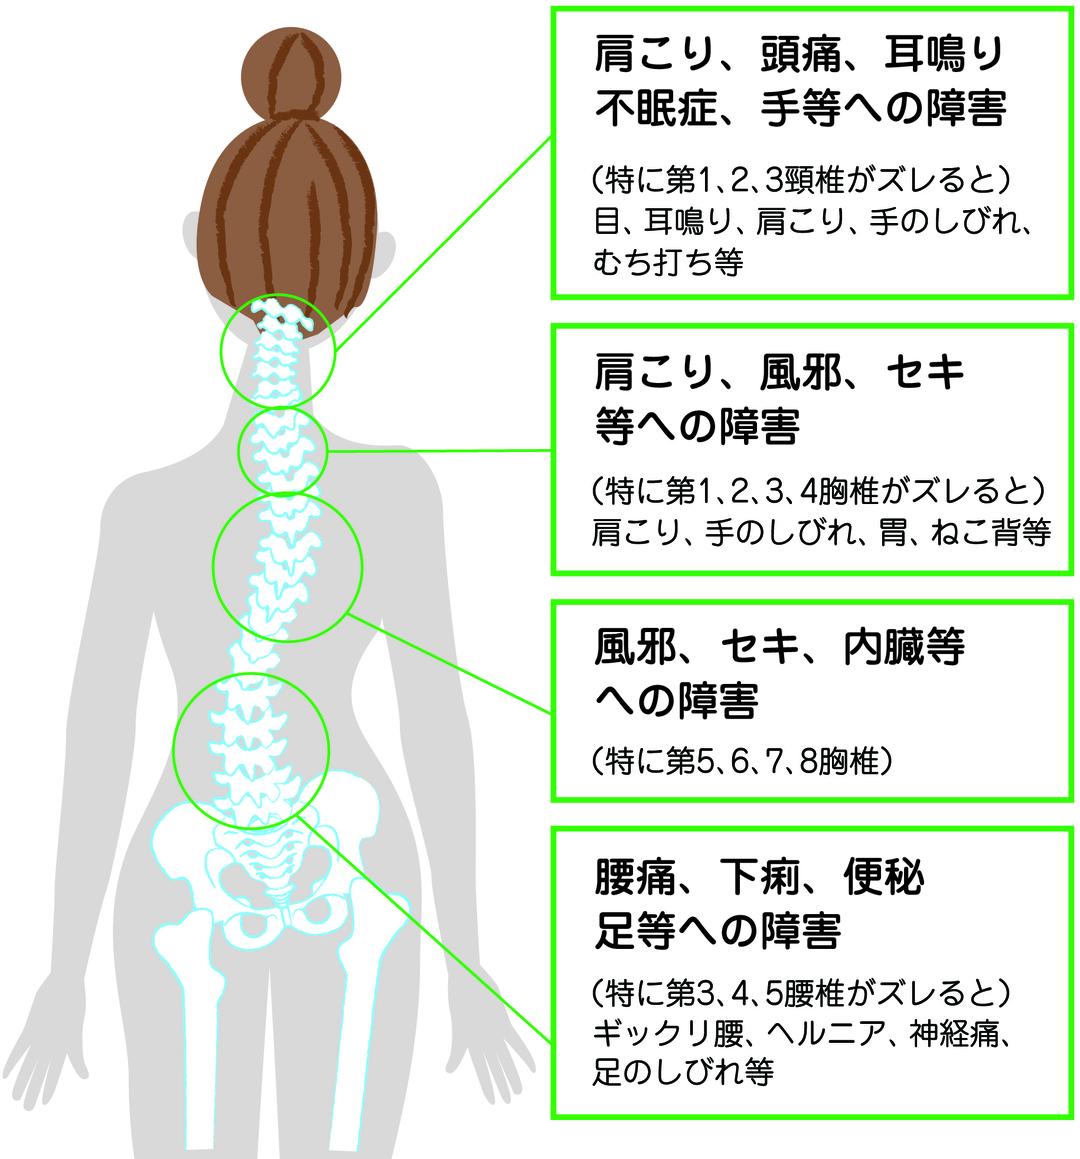 背骨がゆがんでいる人は内臓の病気になりやすい!?